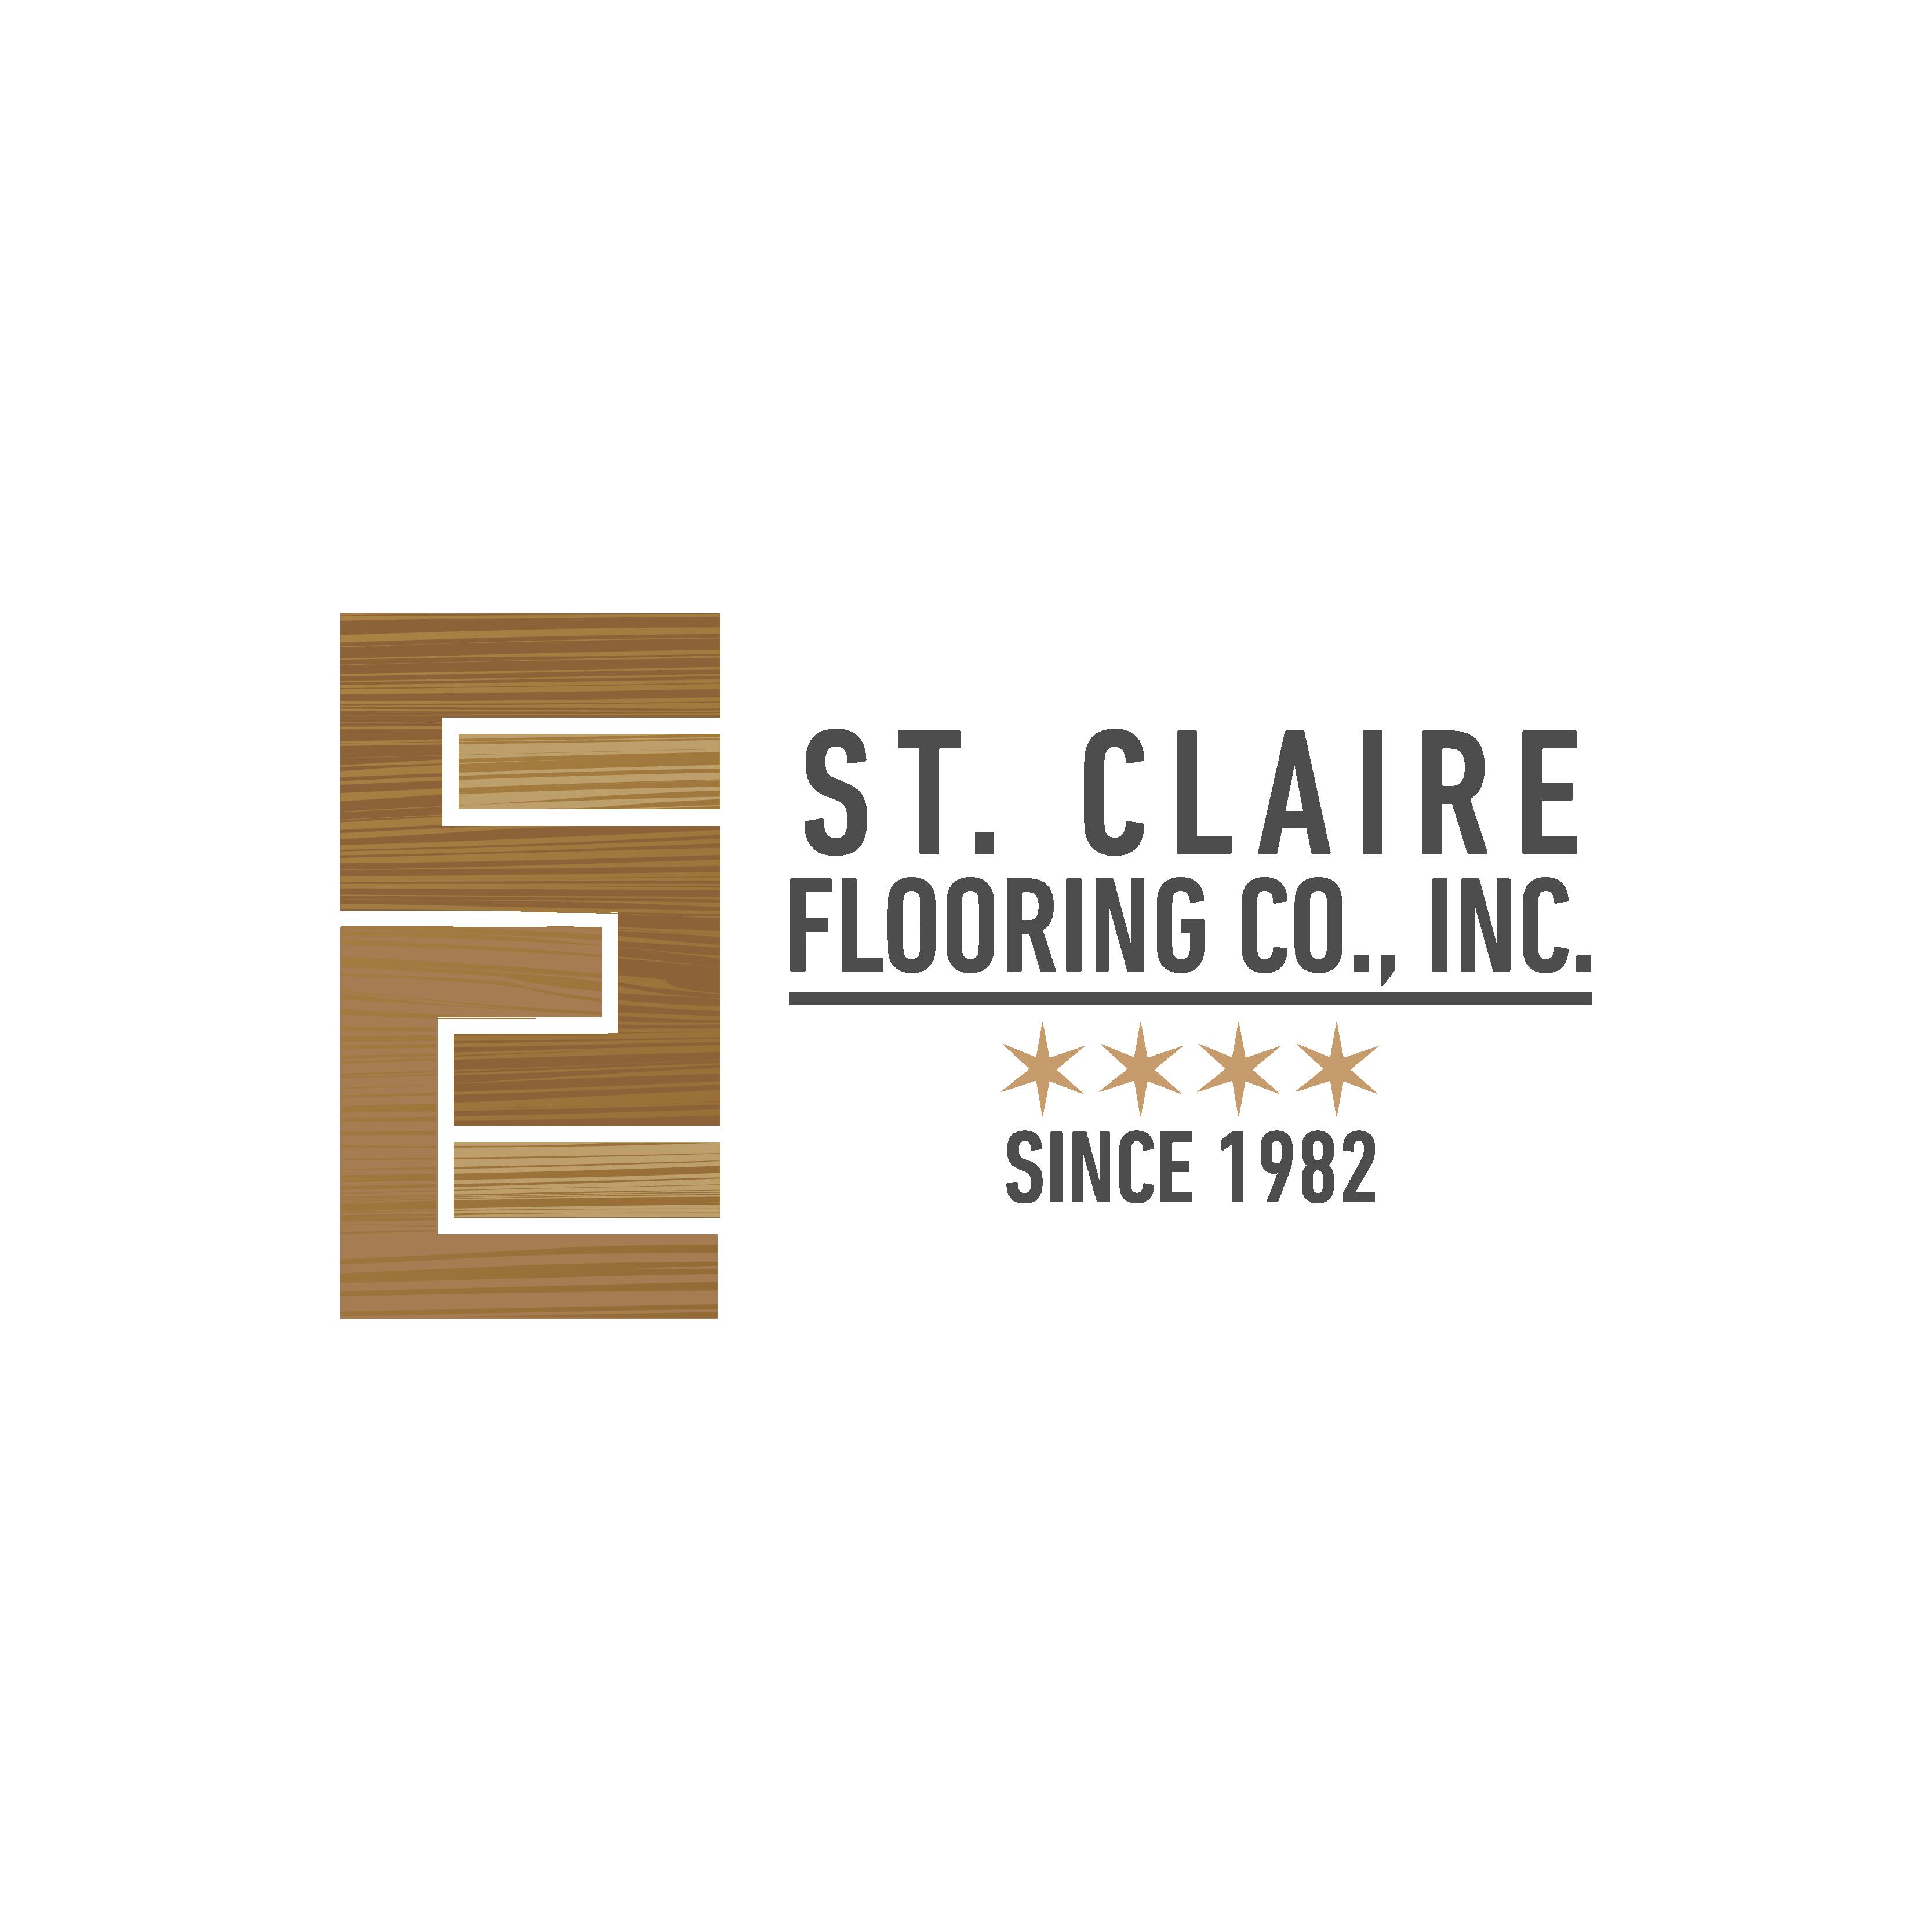 Am Custom Flooring Create A Unique Logo For Flooring Remodeling Company Custom Floor Floor Remodel Unique Logo